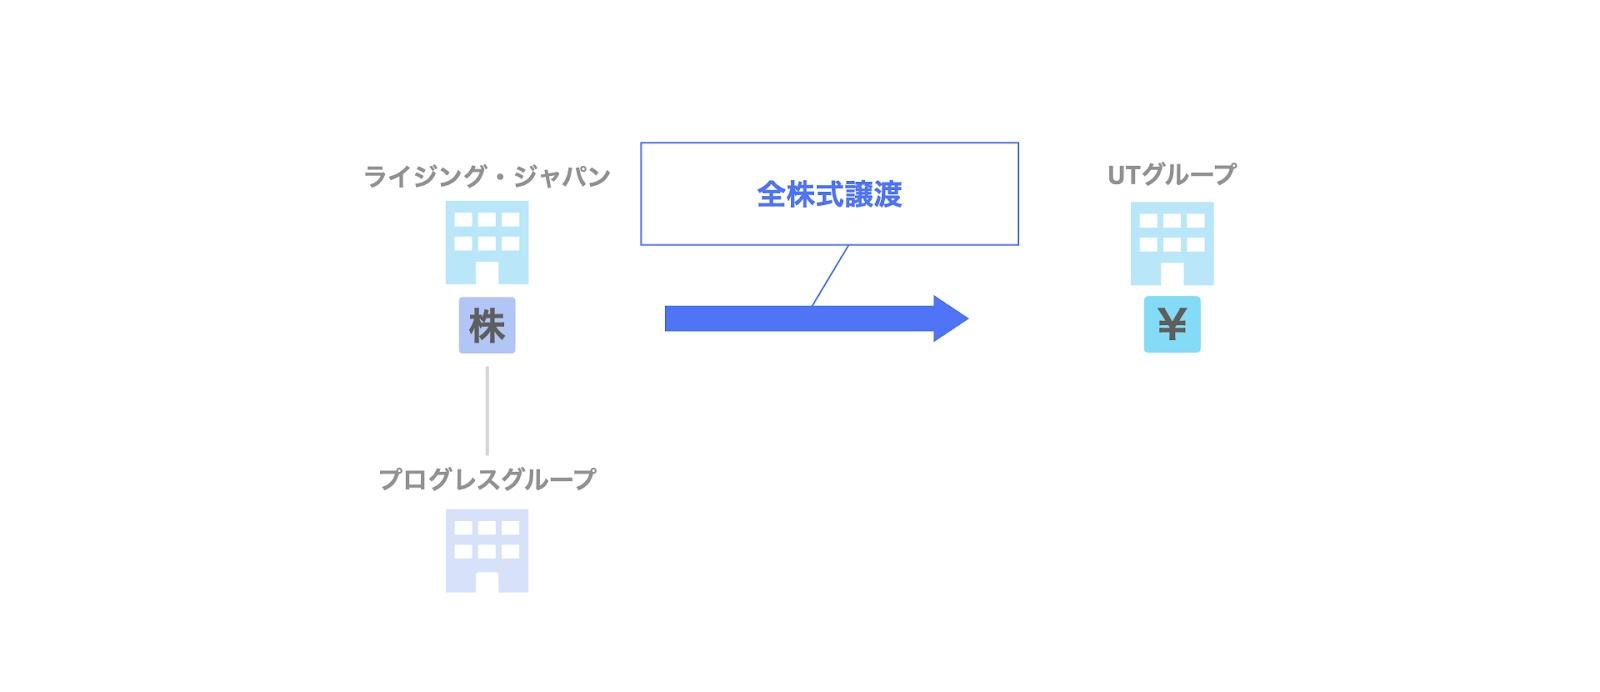 ライジング・ジャパン・エクイティによるプログレスグループのExit